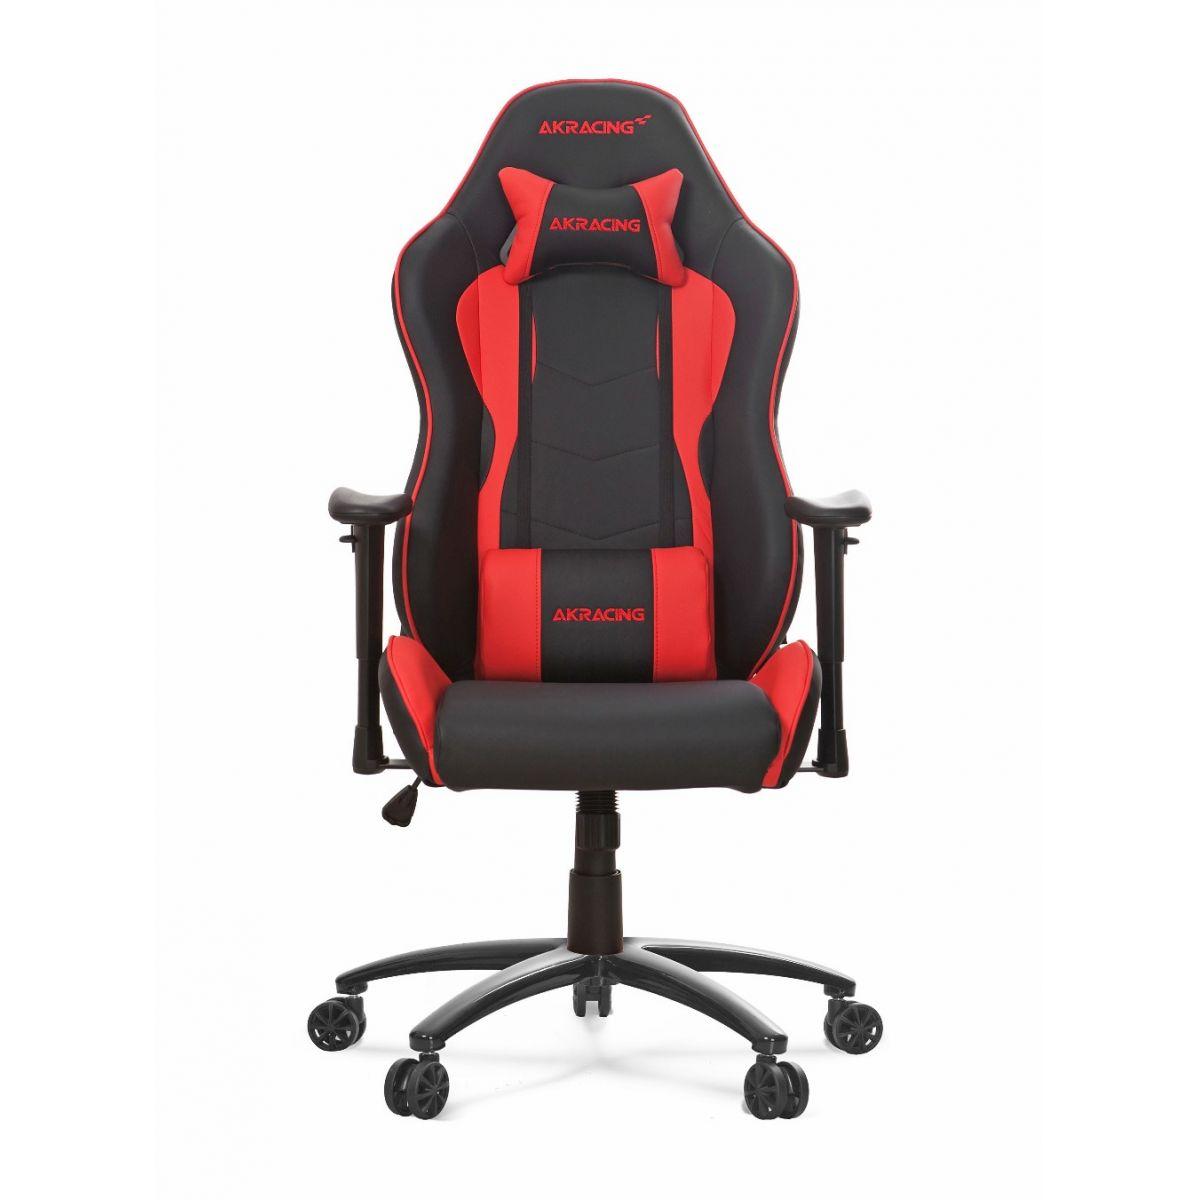 Cadeira AKRacing Nitro Gaming Red AK-NITRO-RD - AKRacing